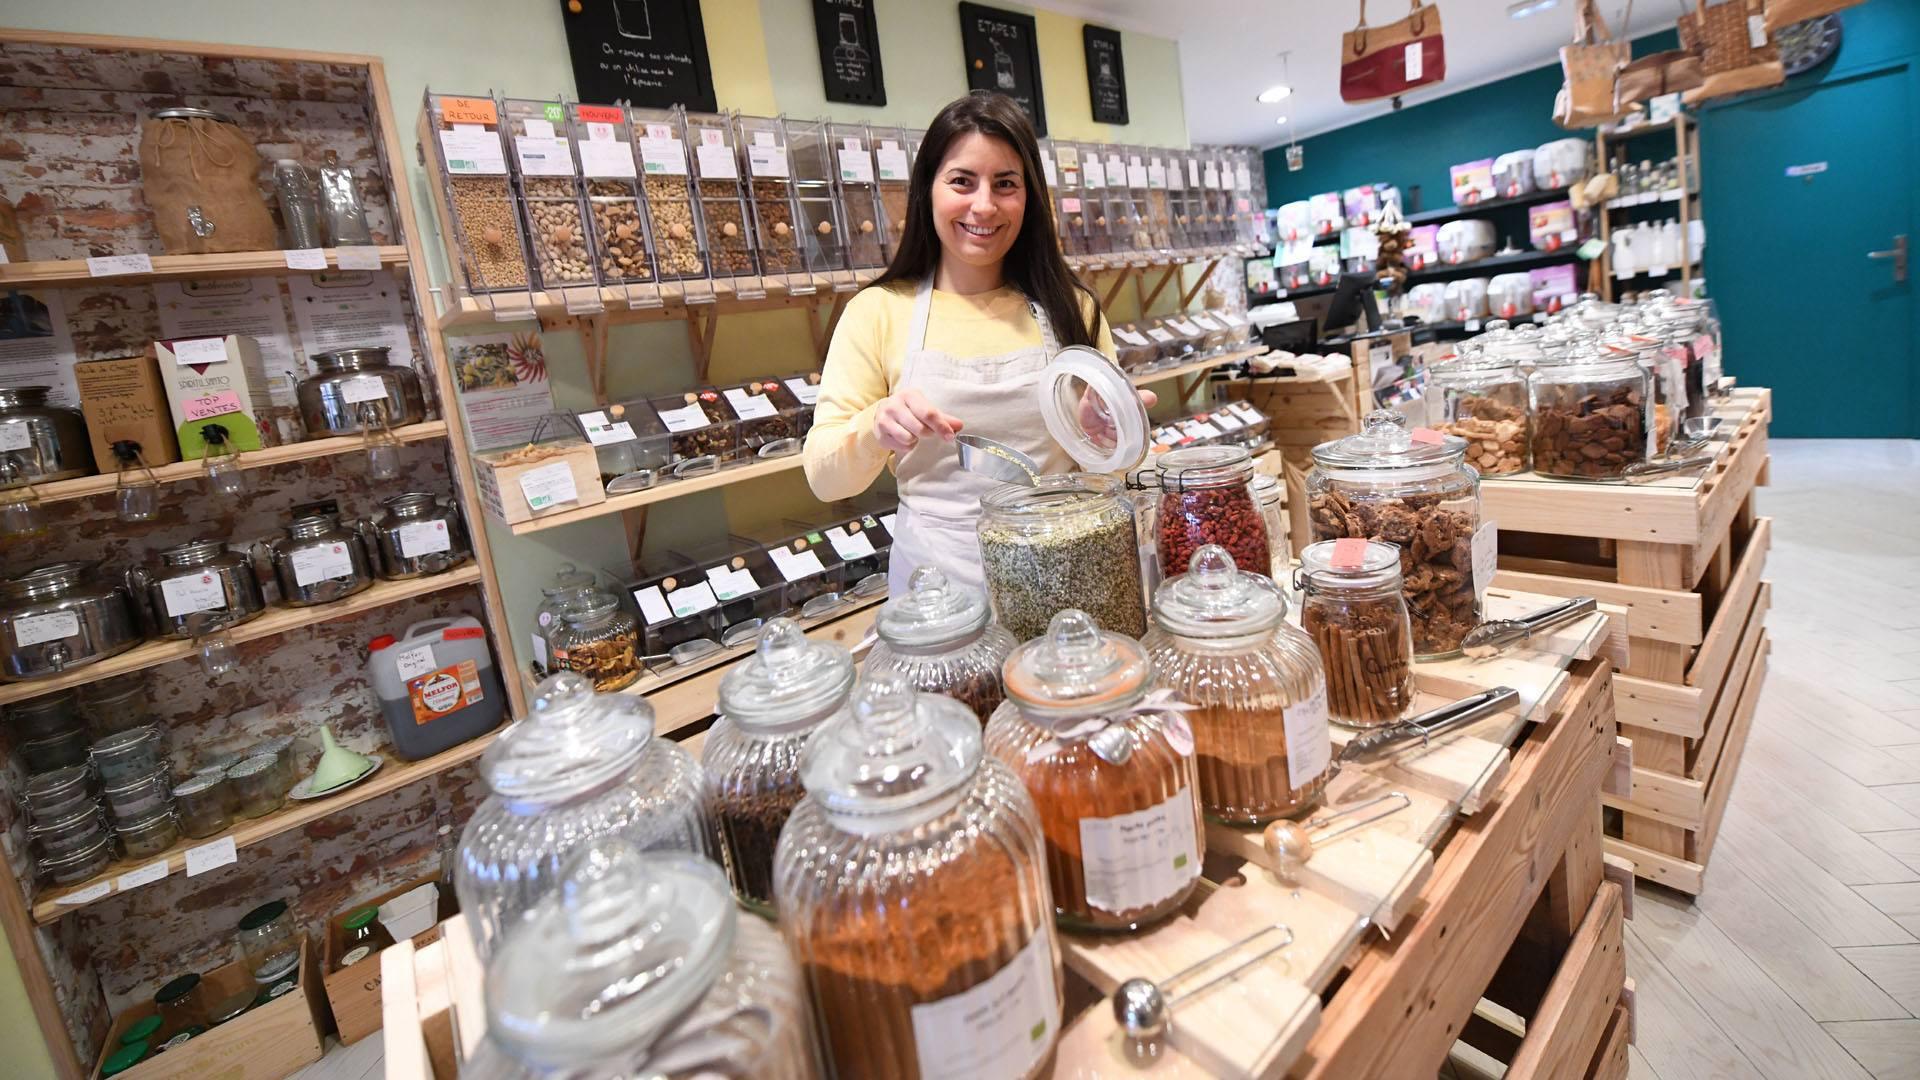 Eco'Vrac une épicerie zéro déchet à Mulhouse : Maud Roucayrols vous donne ses trucs et astuces